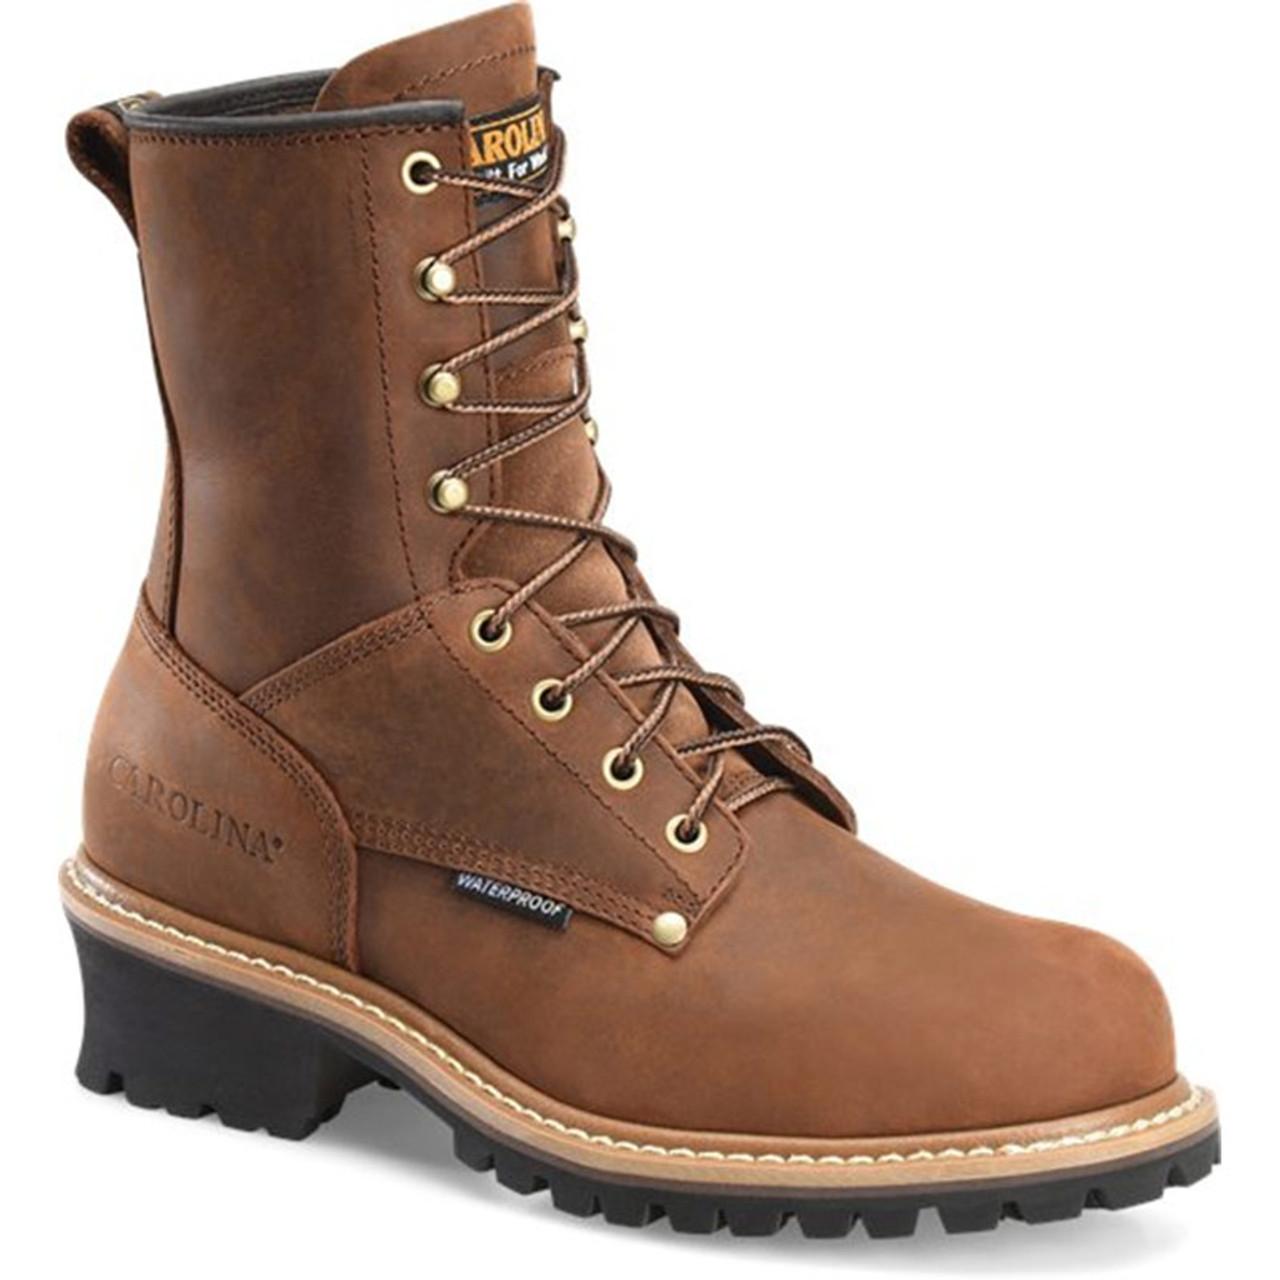 048ad323155 Carolina CA9821 ELM Steel Toe Non-Insulated Logger Boots